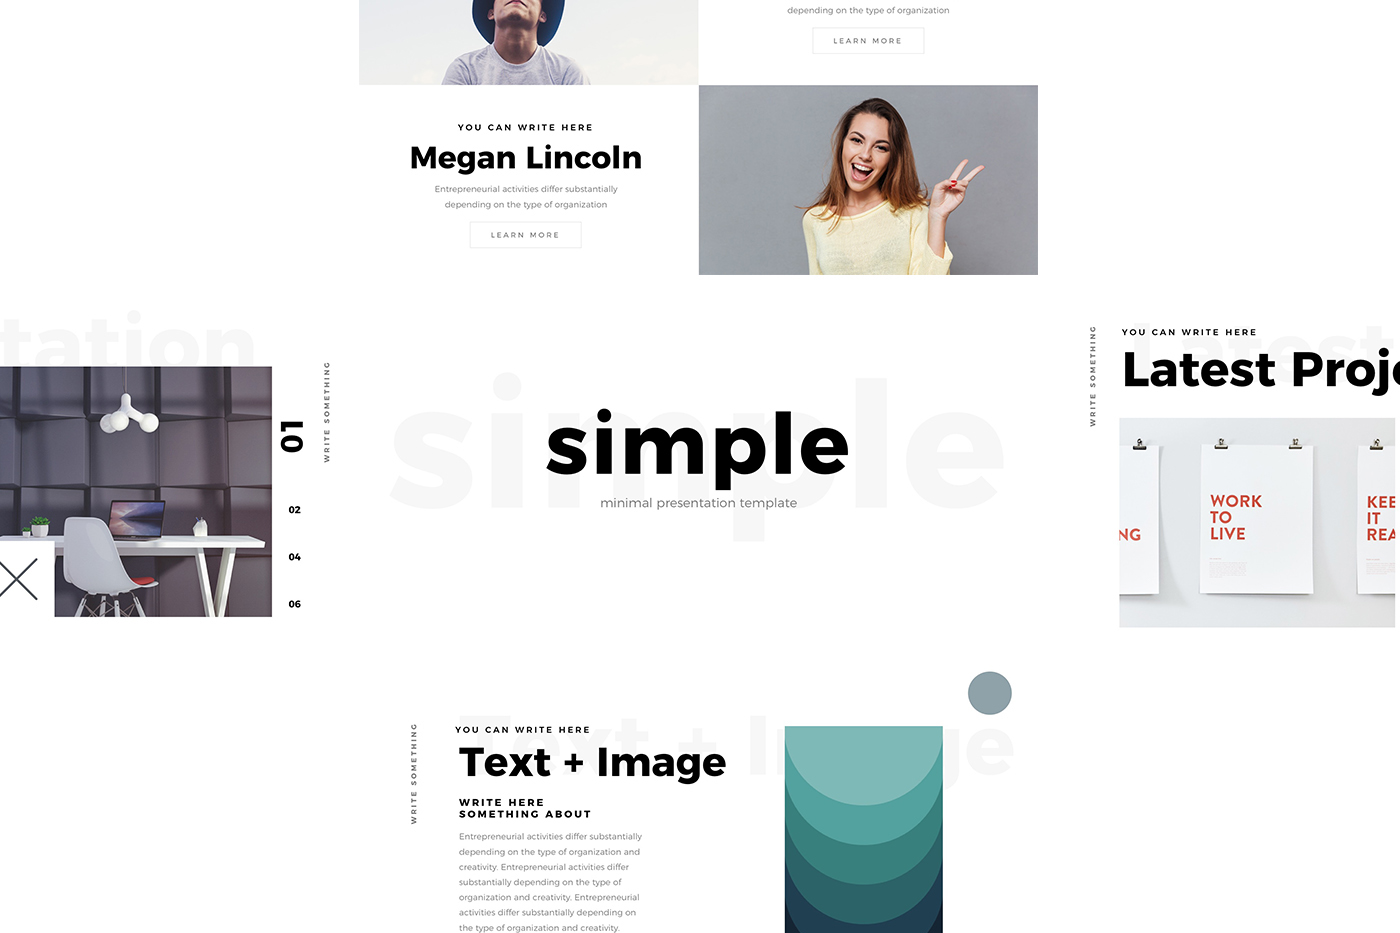 FREE Simple Minimal Keynote Template by Louis Twelve on Behance